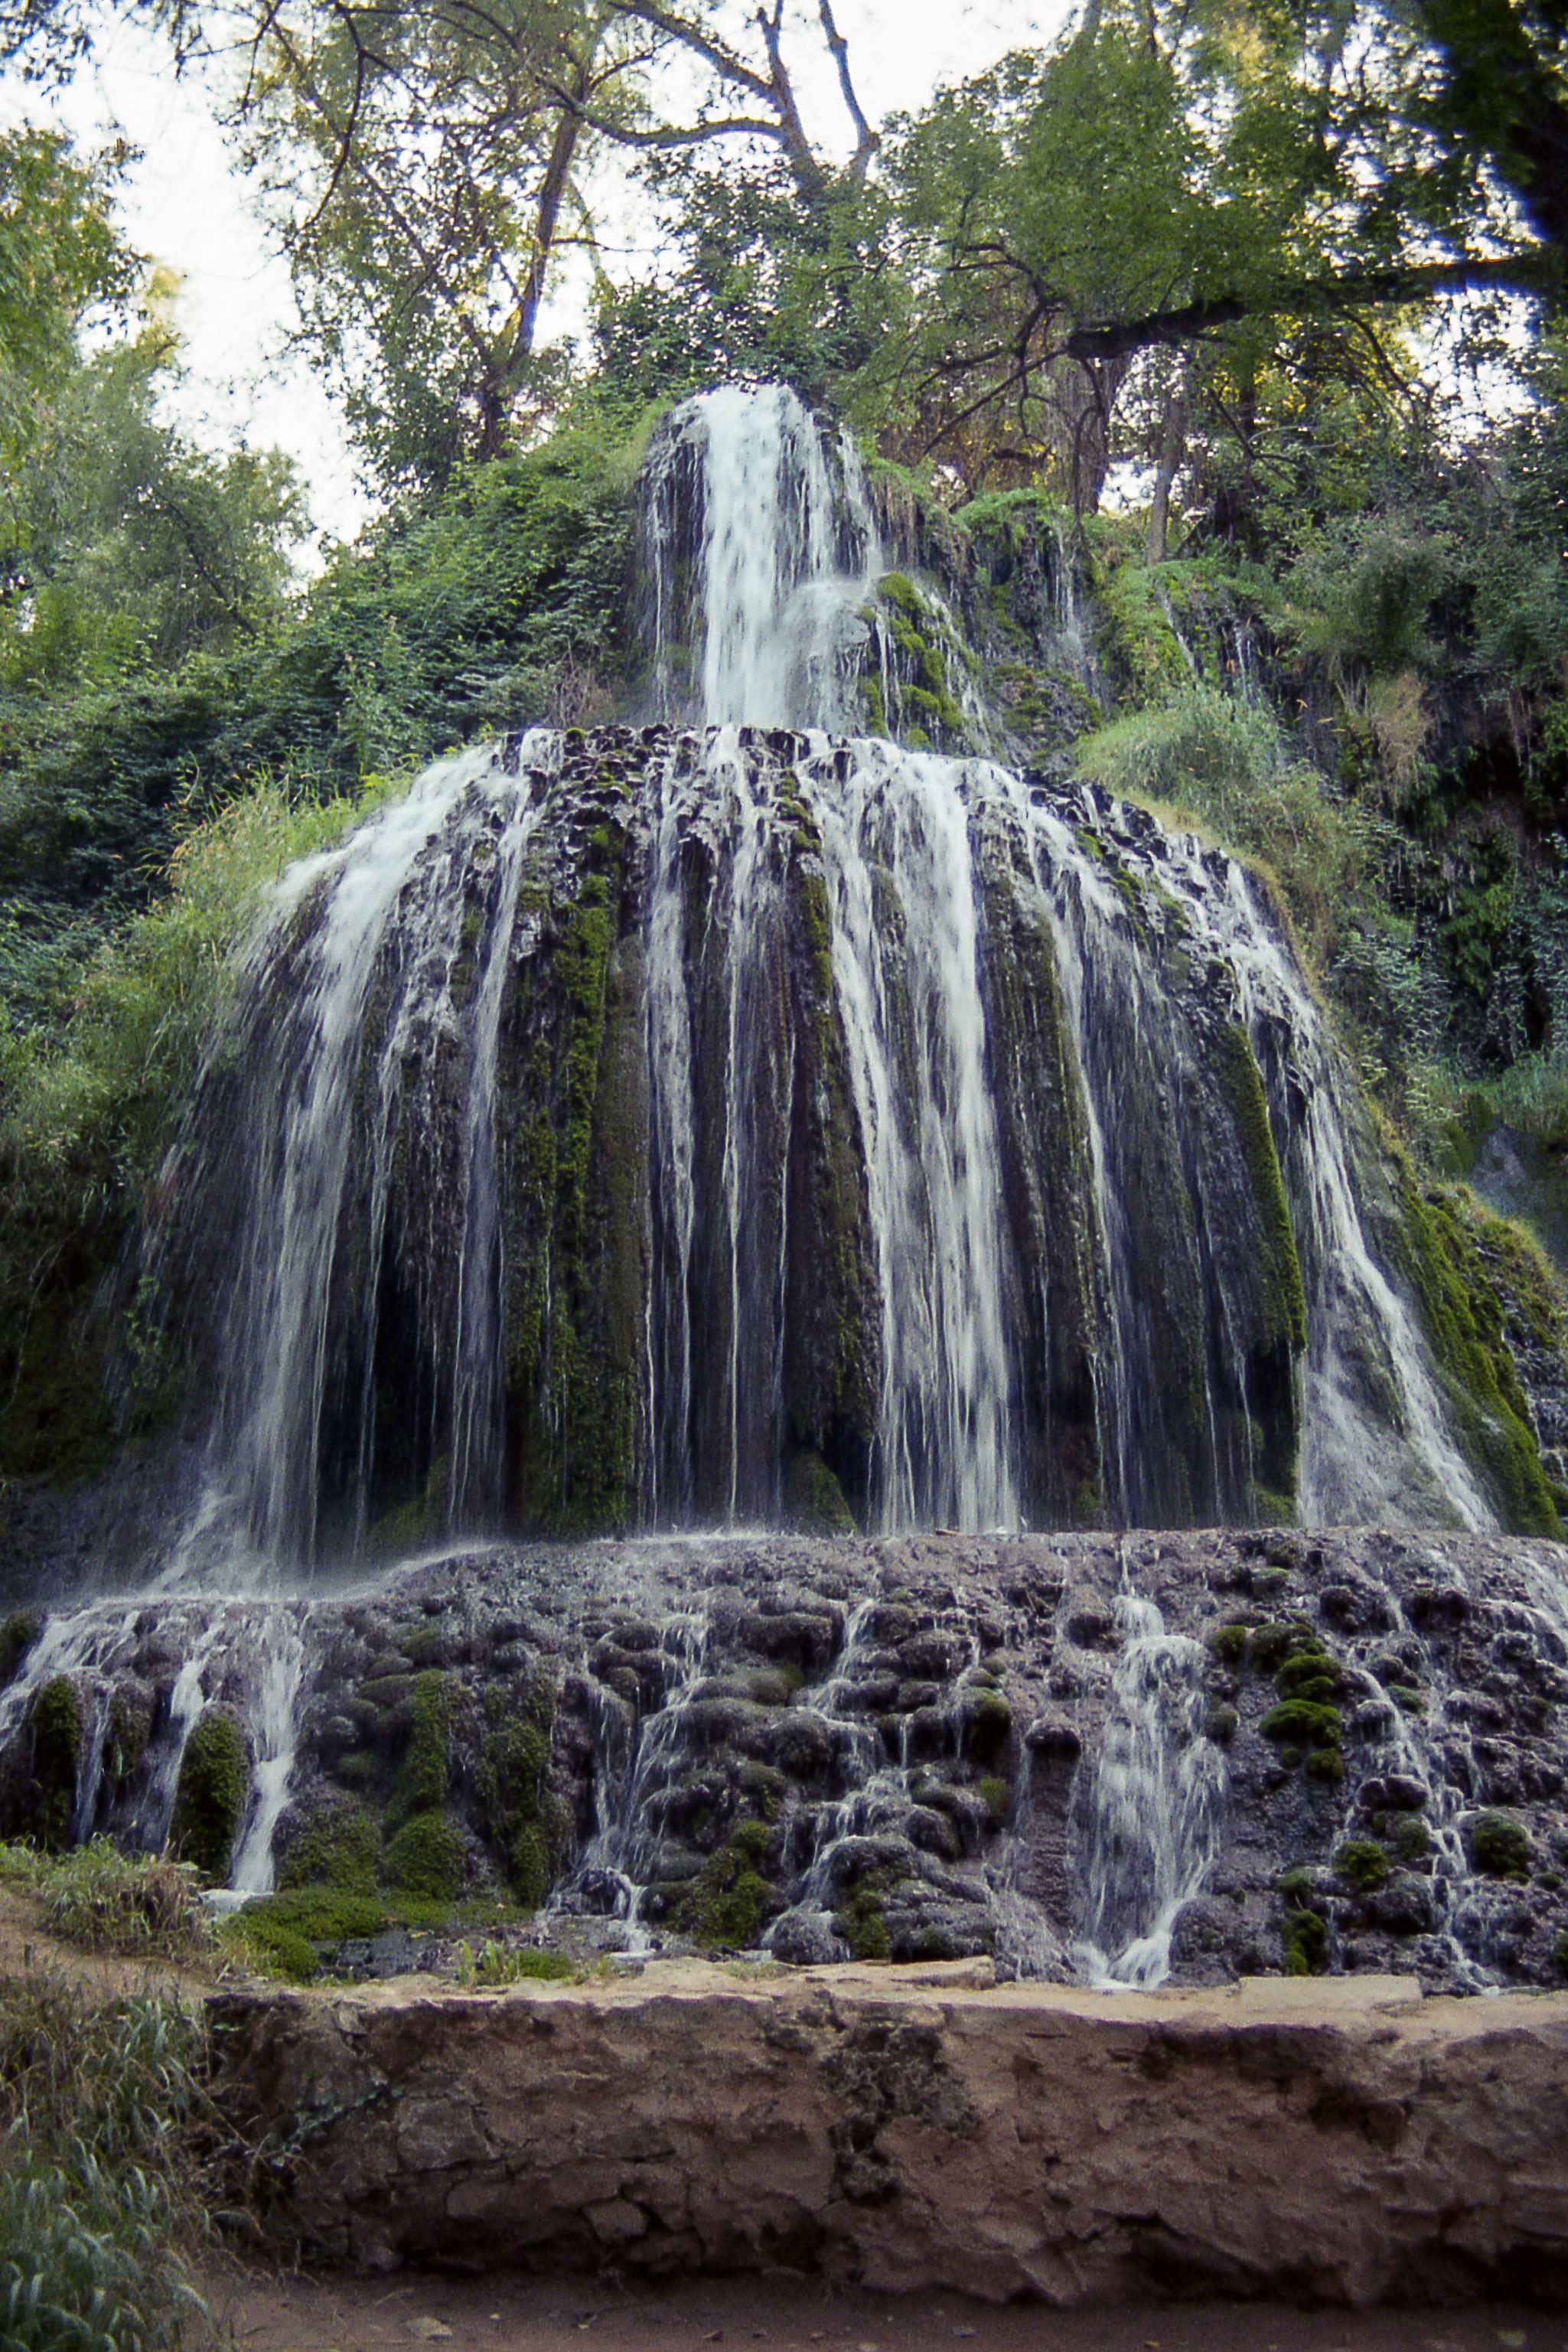 Aprovecho la ocasión para recordar que estoy comenzando una nueva ronda de fotografía de viajes en mi tumblelog (enlaces al final), empezando de nuevo desde 1989. Aquí una de las cascadas del Monasterio de Piedra.